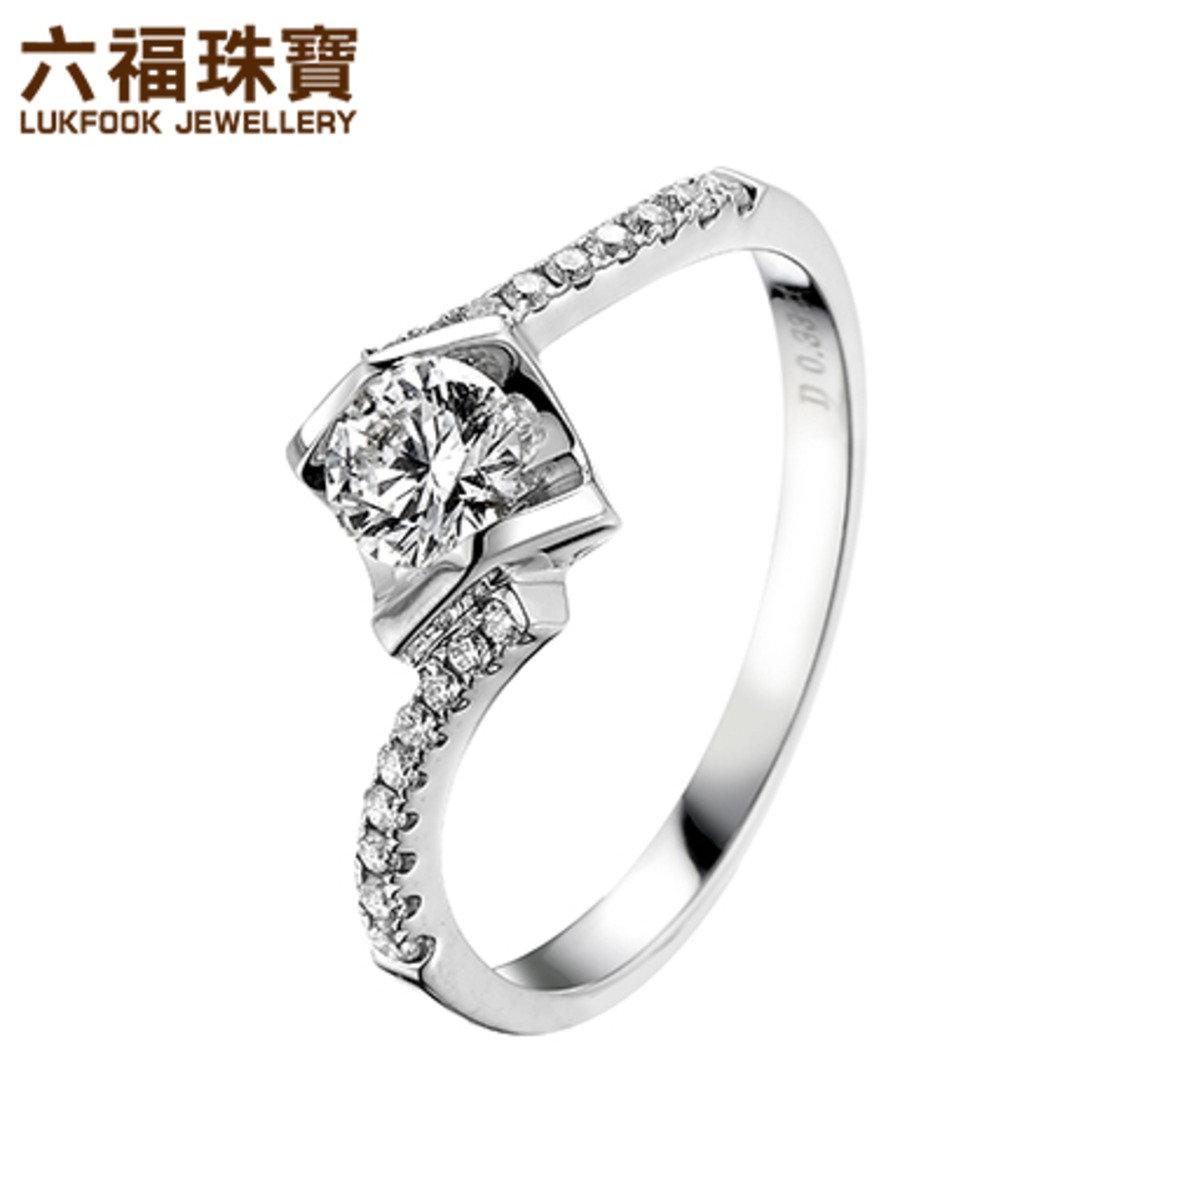 18K/750金(白色)鑲單鑽石襯鑽石戒指